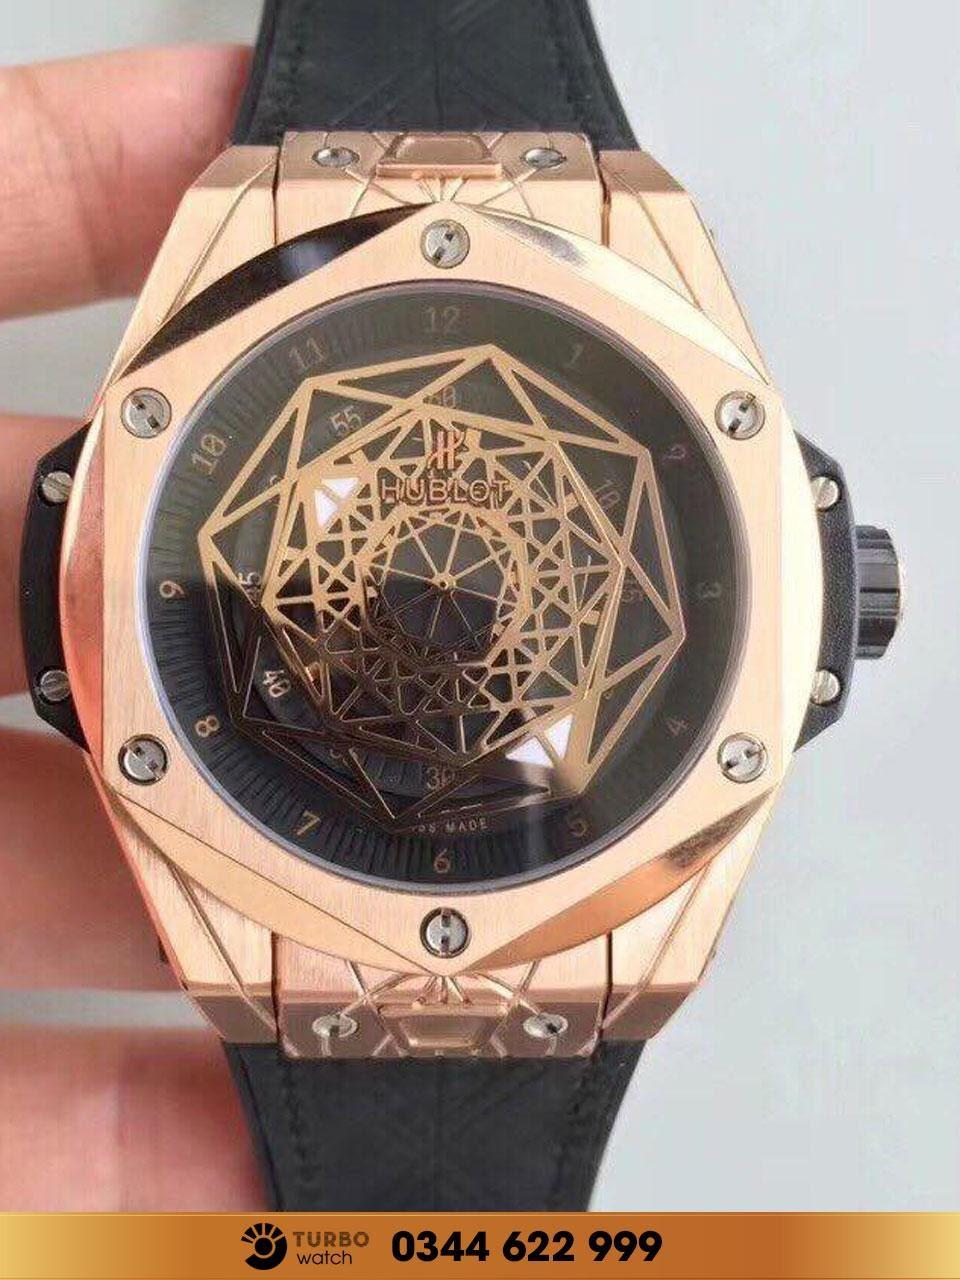 Turbo Watch - trung tâm sửa chữa, bảo hành đồng hồ uy tín